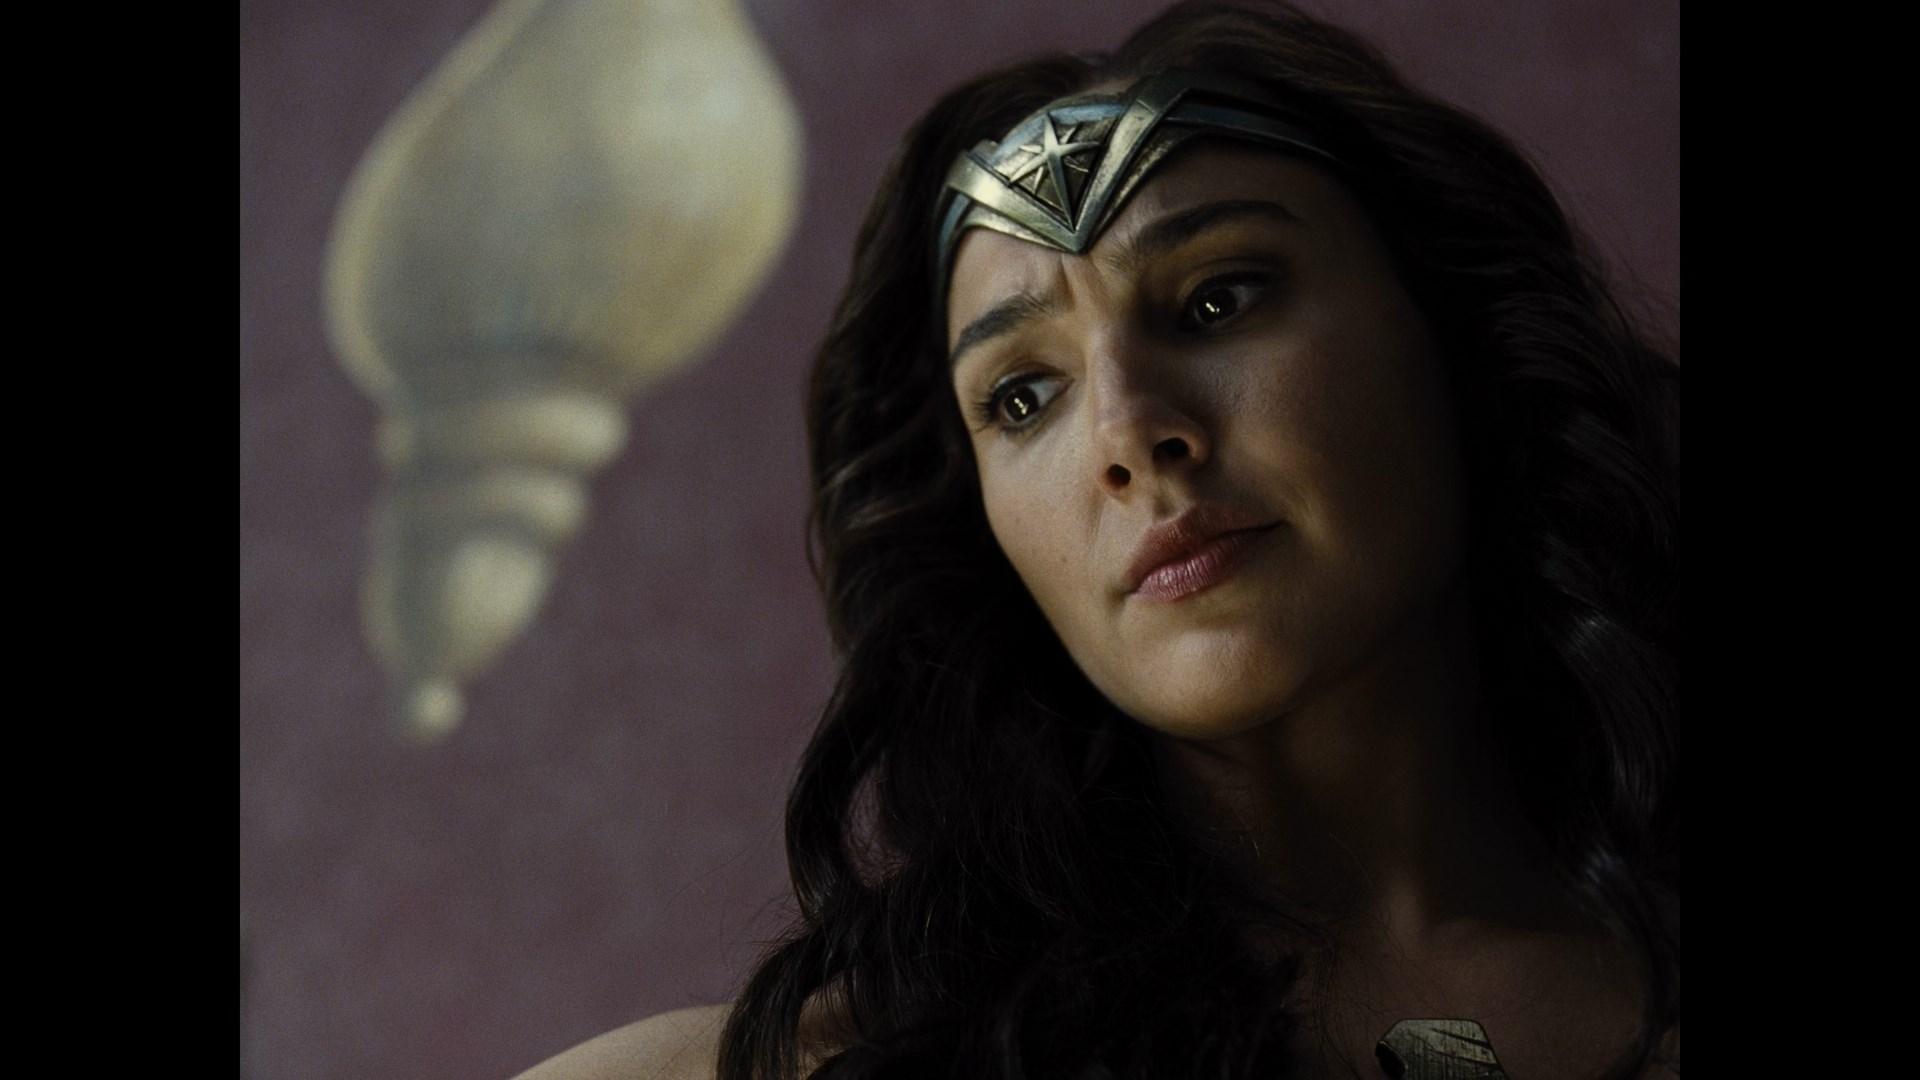 La Liga de la Justicia de Zack Snyder (2021) 1080p WEB-DL x265 Latino